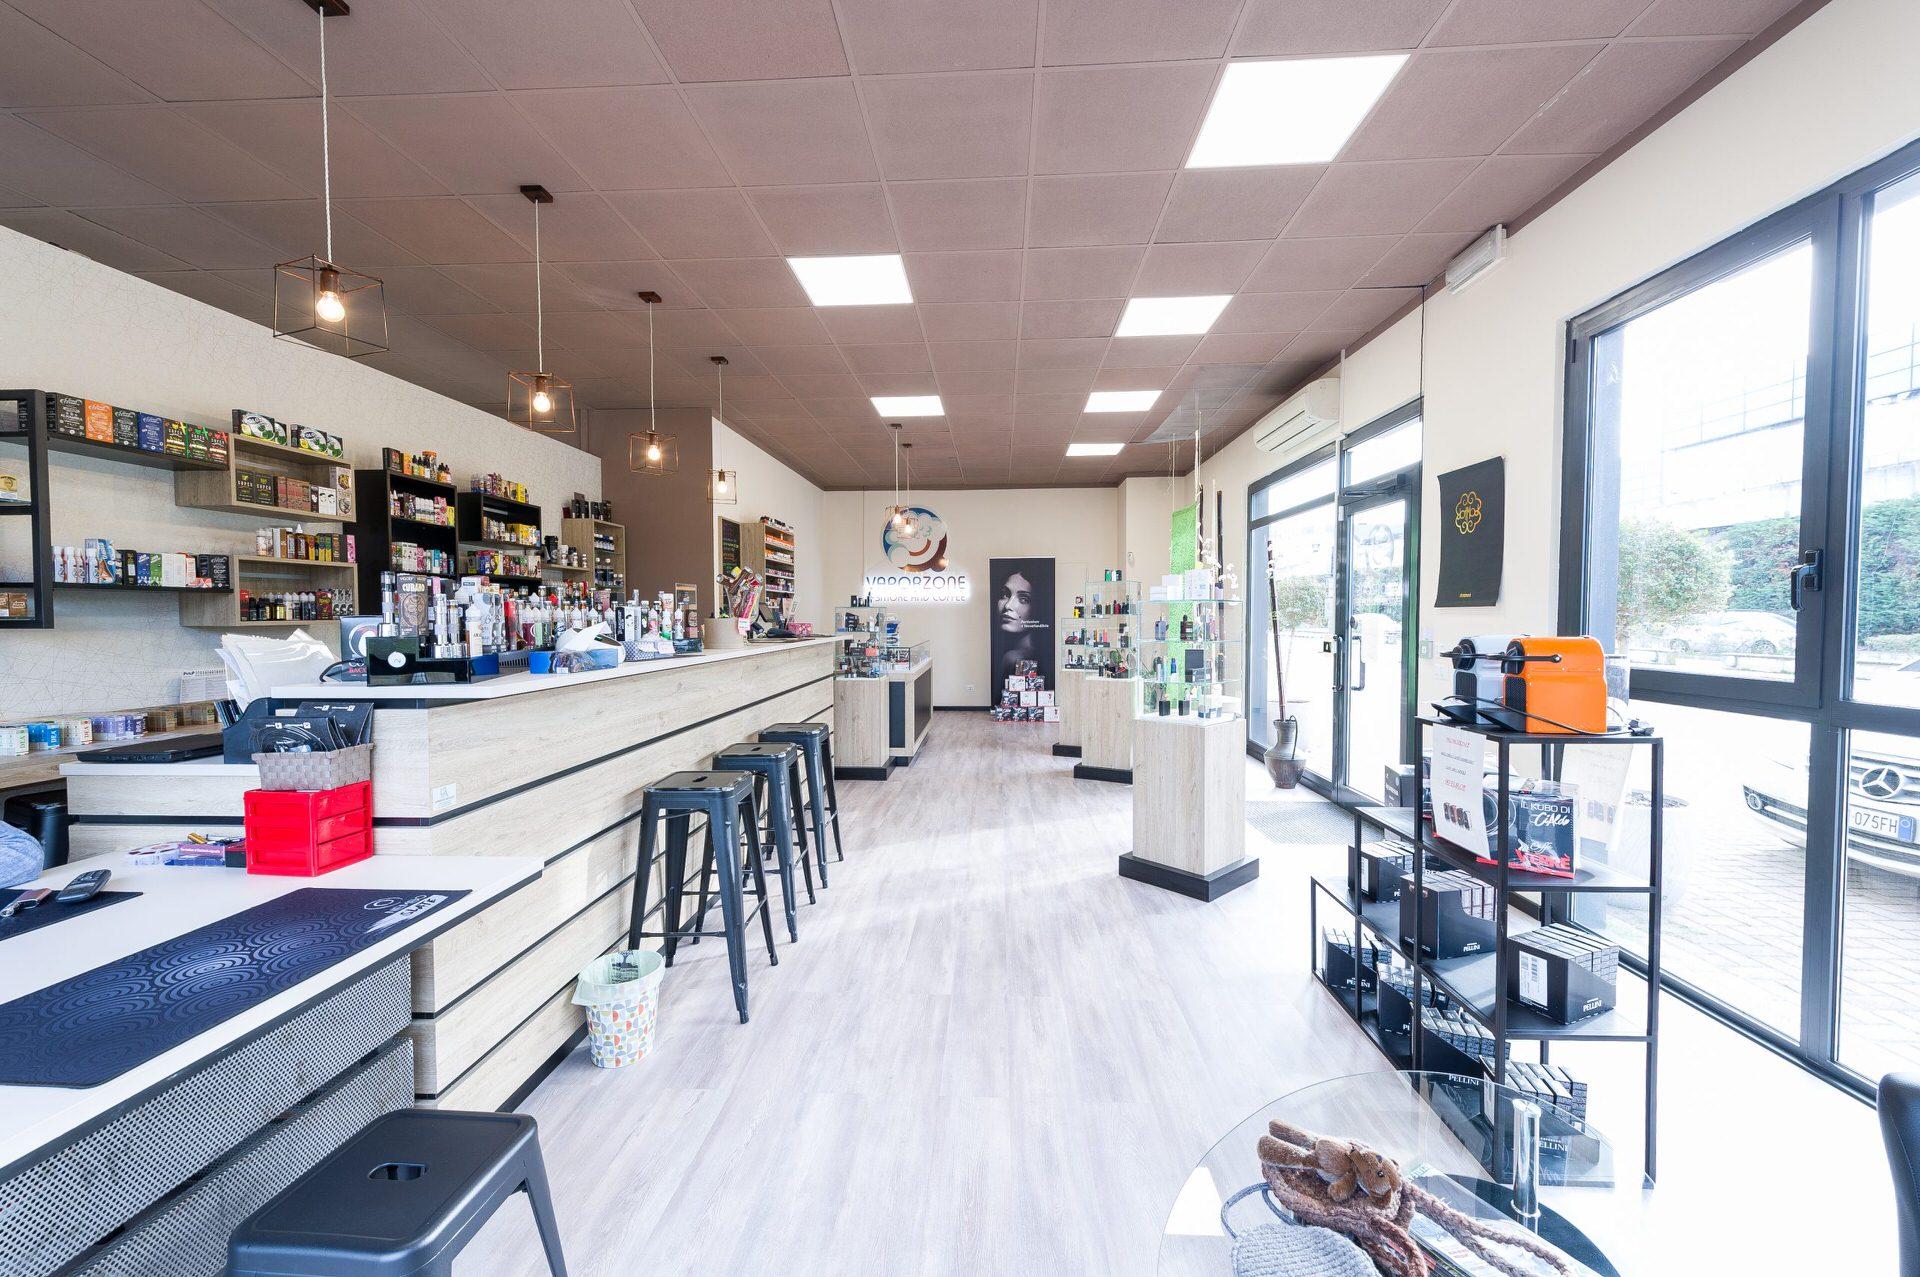 servizio fotografico professionale commerciale interno negozio